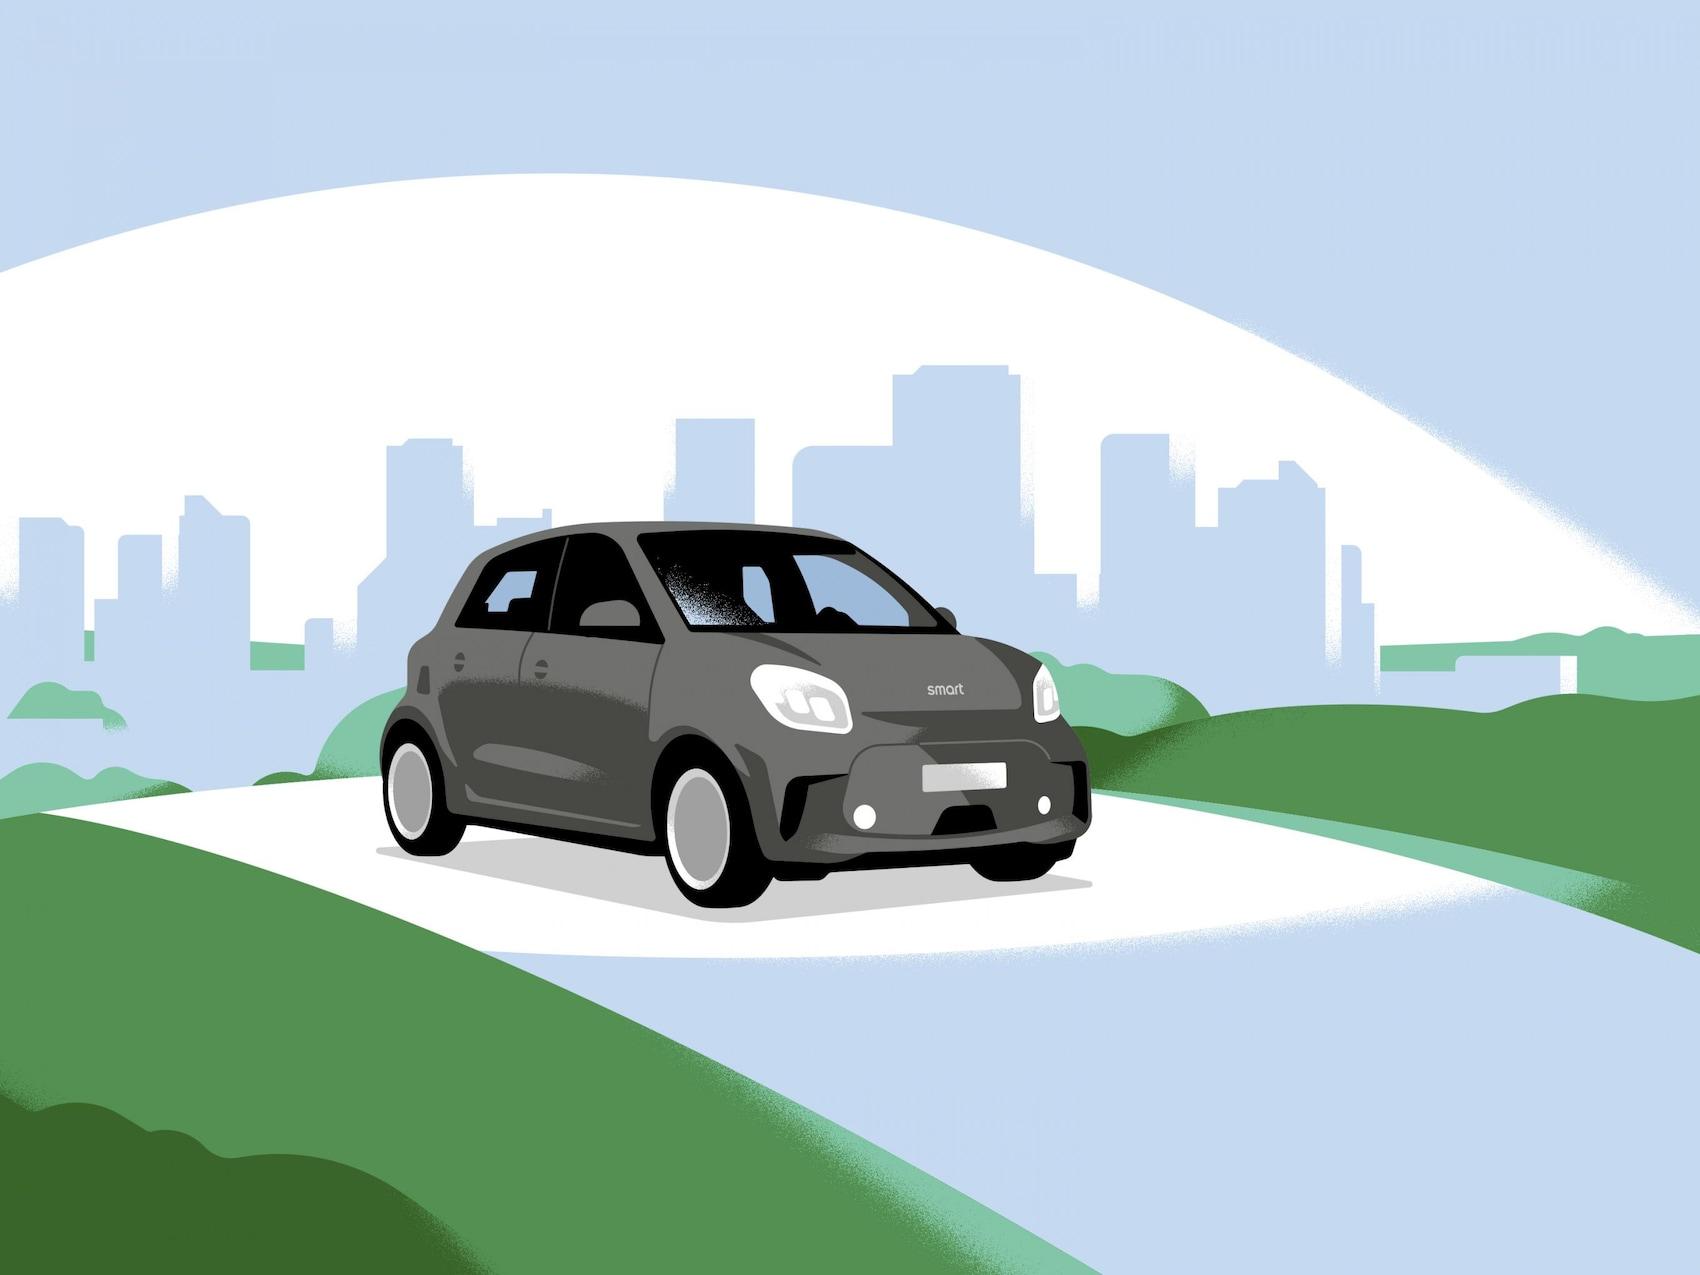 Ein smart EQ forfour auf einer Strasse mit Stadt im Hintergrund.